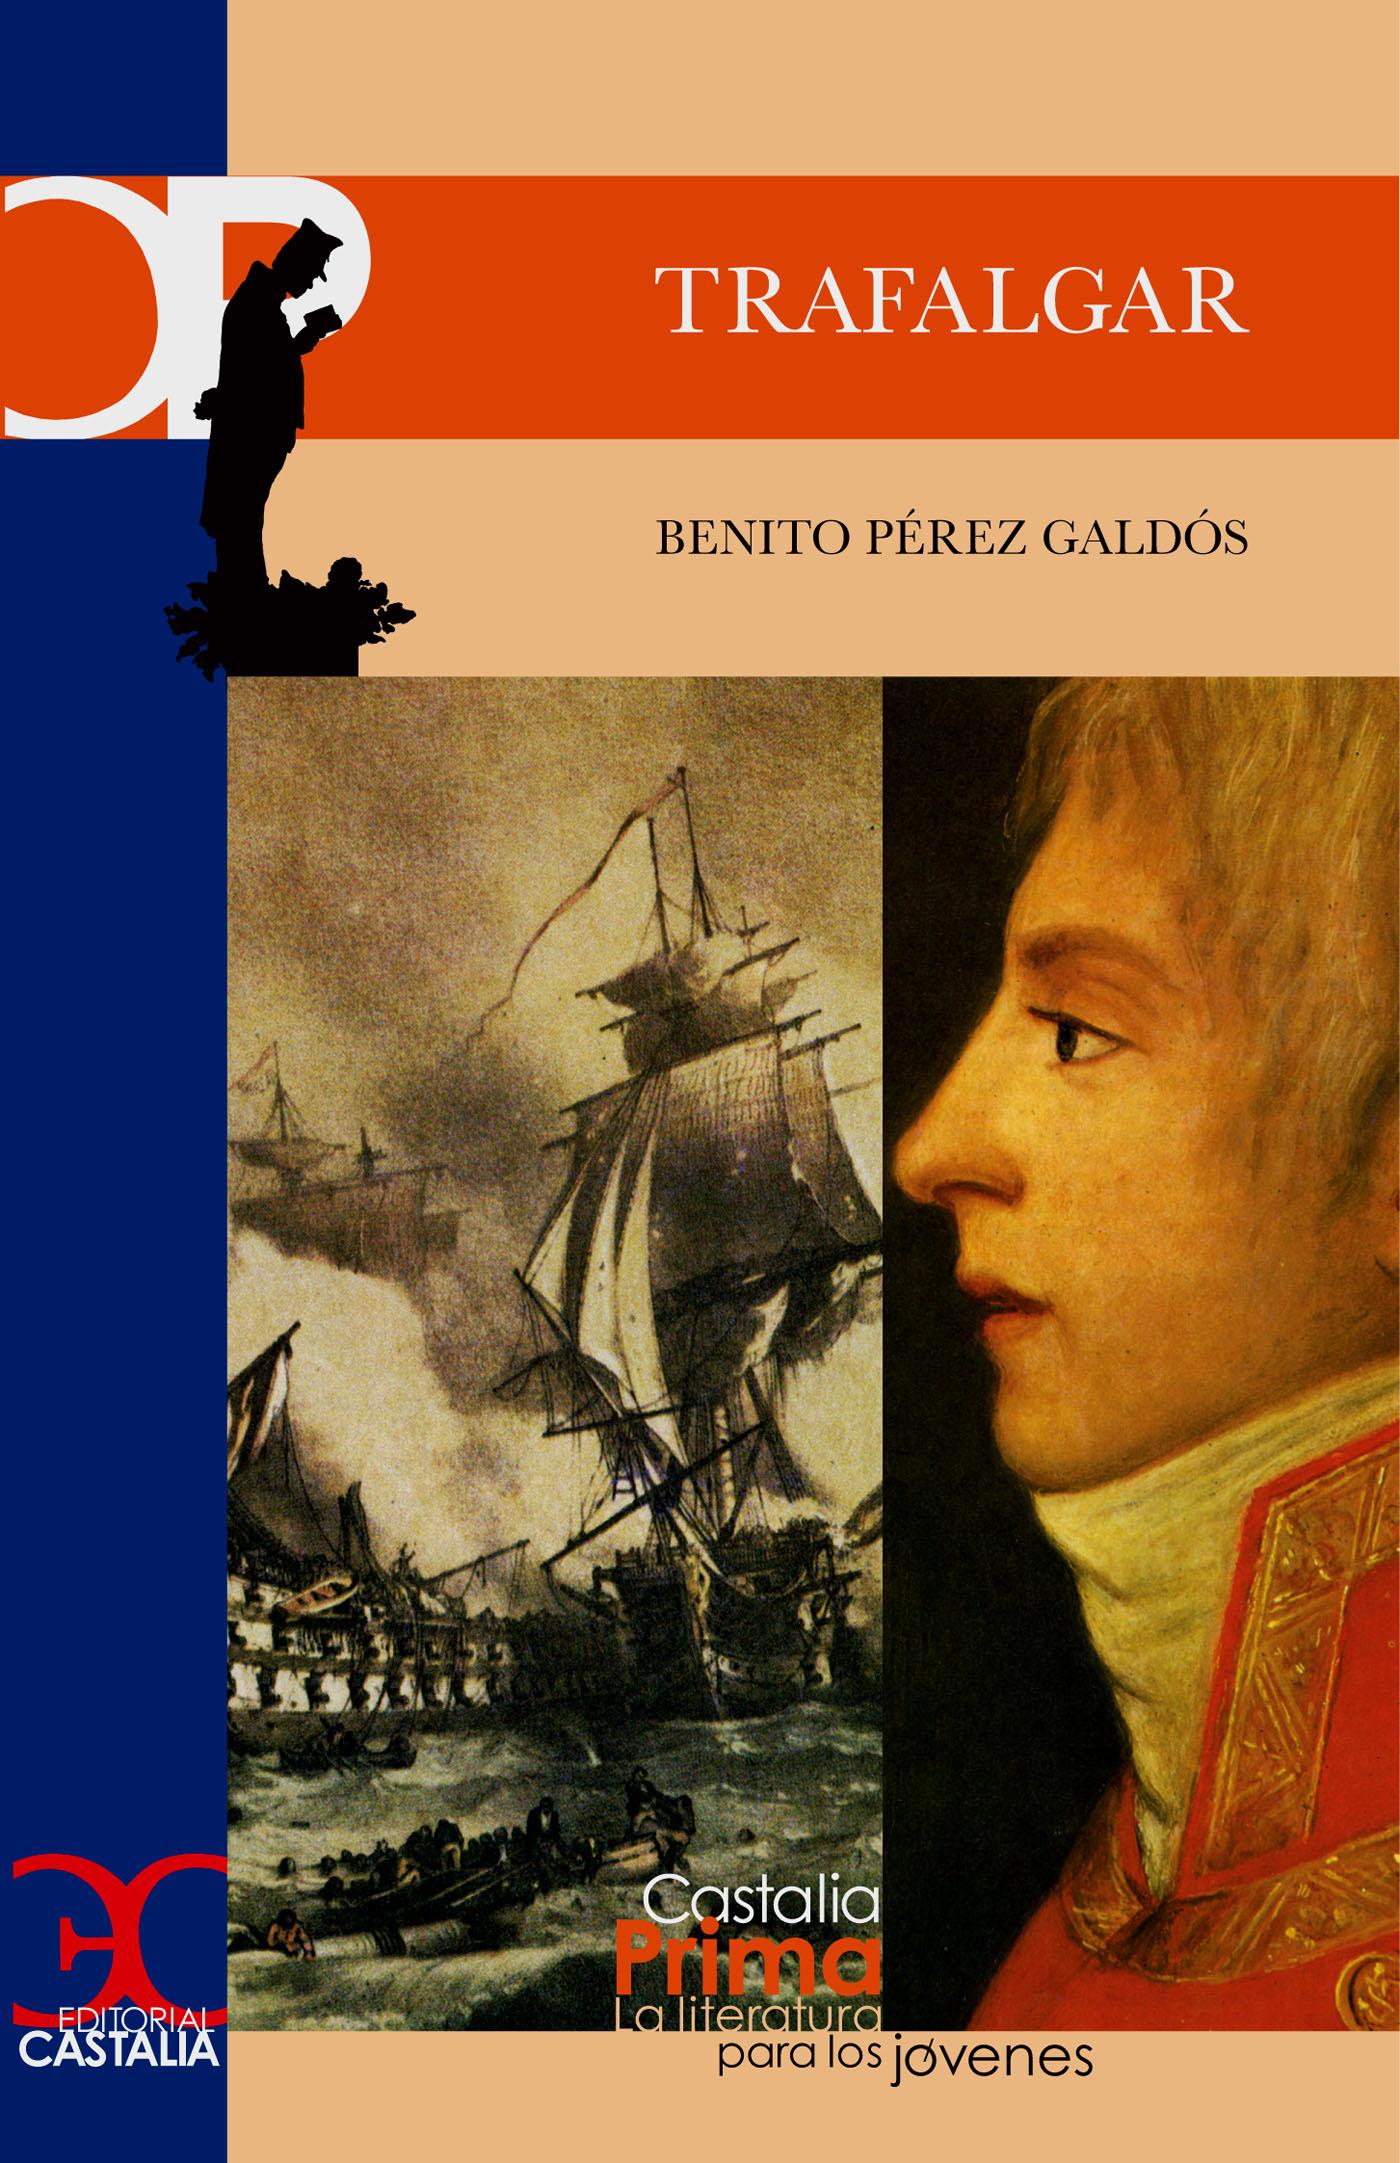 Antología de la litratura fantástica, libro recomendado en Zenda